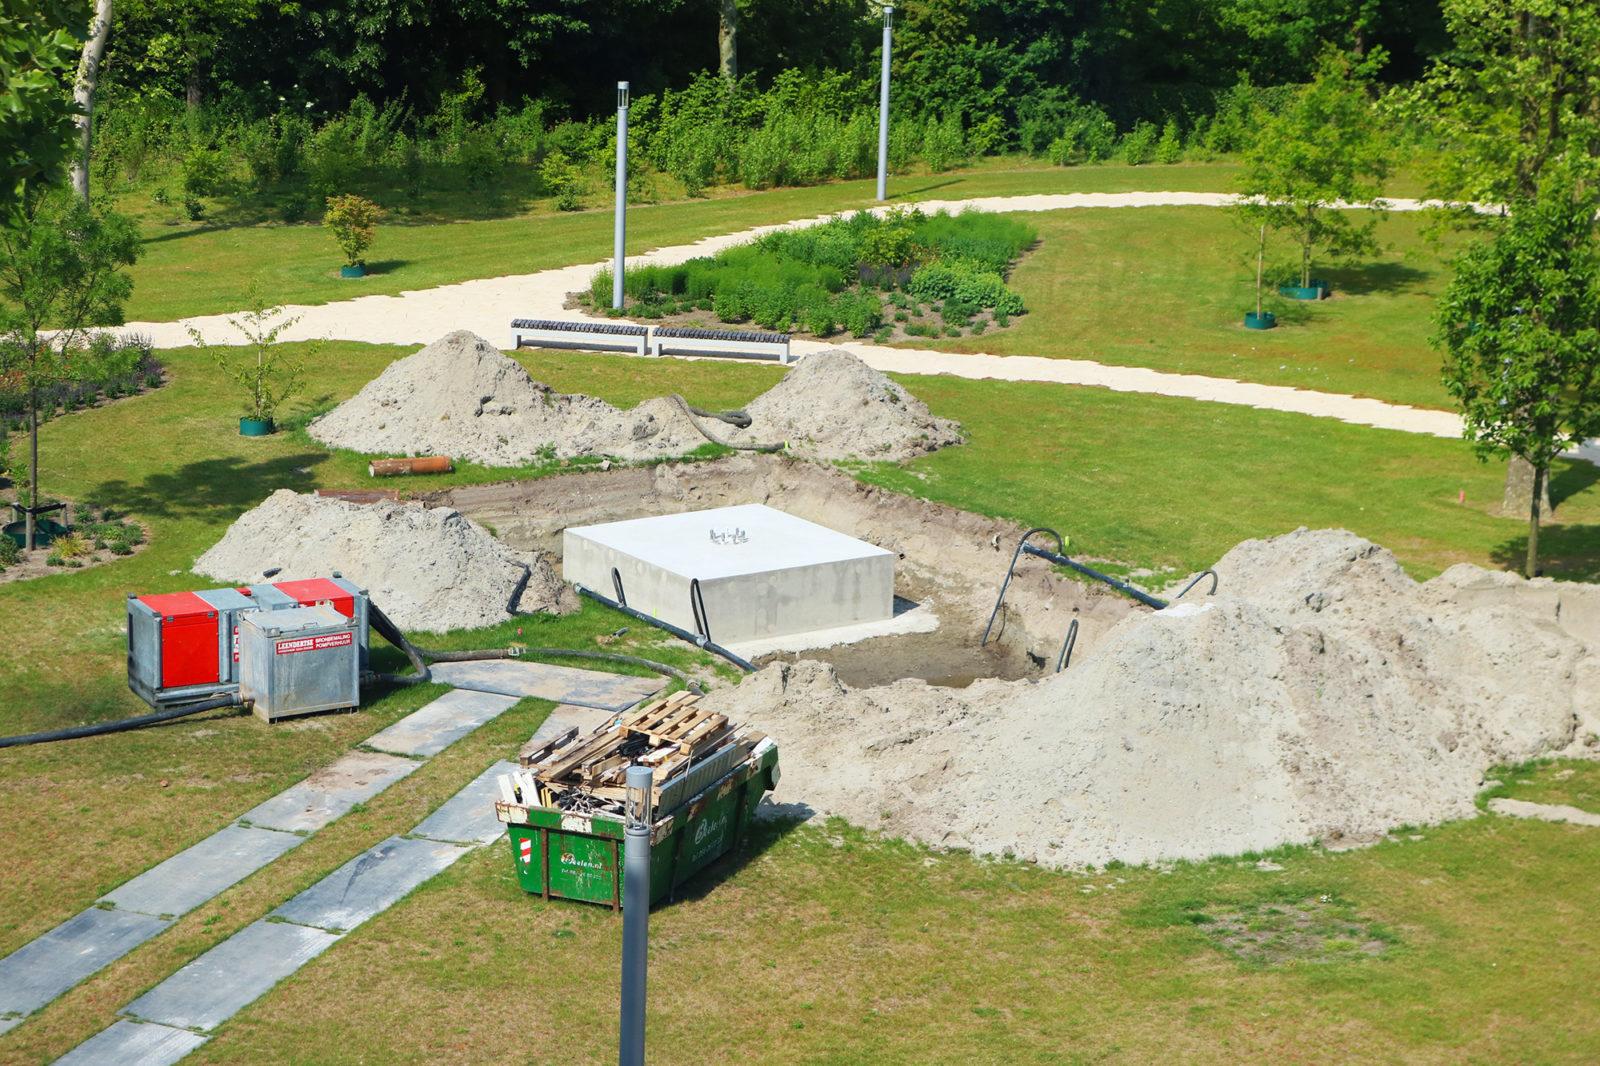 stein-der-weisen-fundament-kunstwerk-schlegel-park-noord